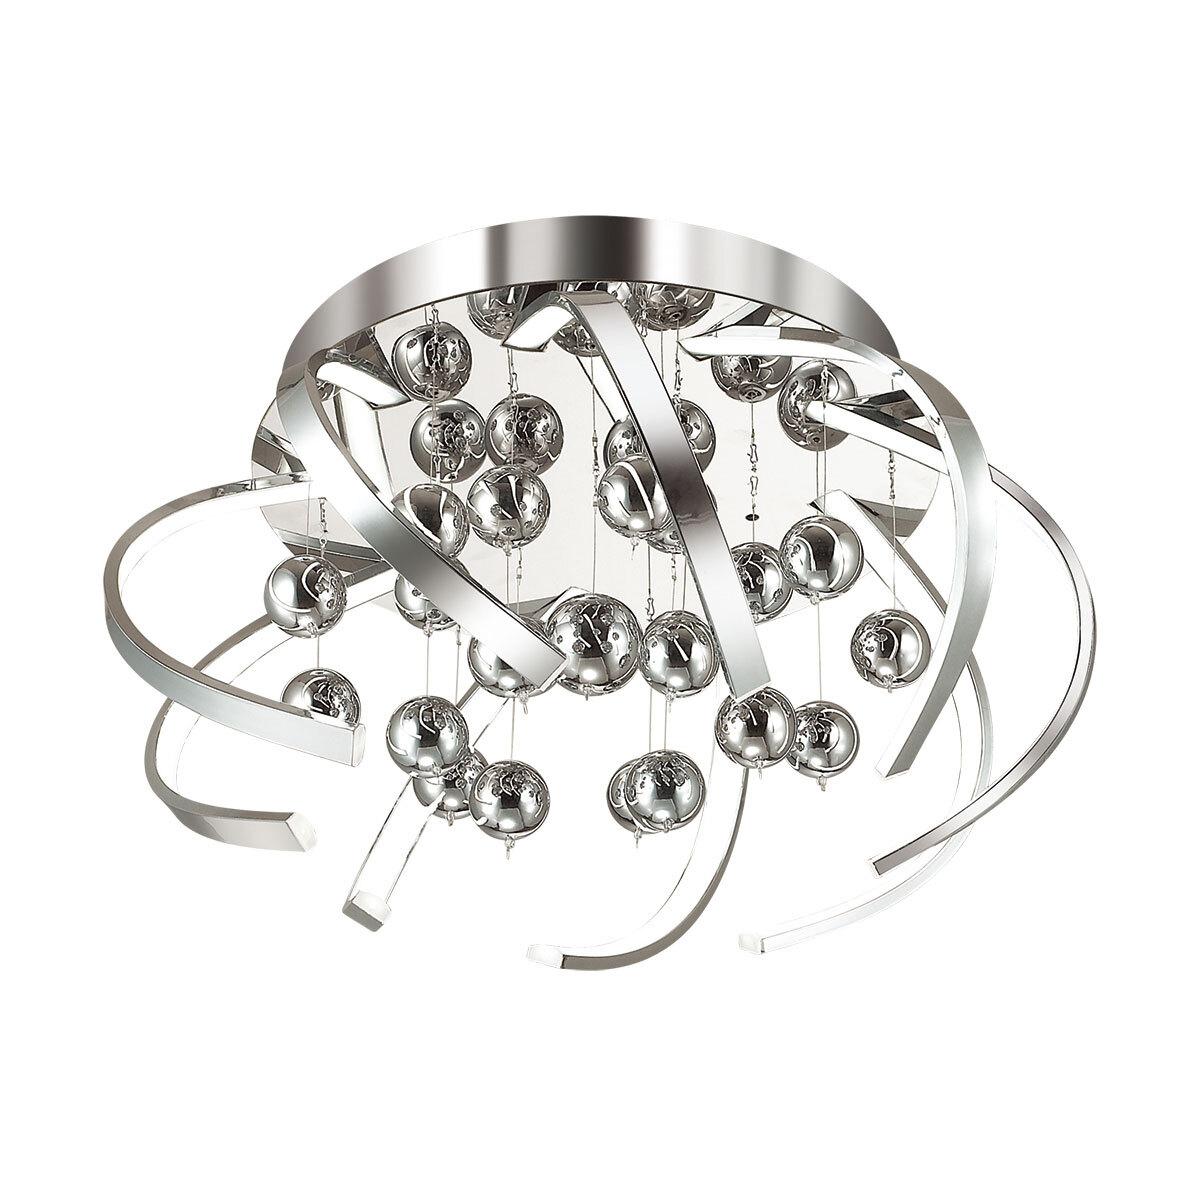 Подвесной светильник Odeon Light 4030/40CL, LED, 40 Вт